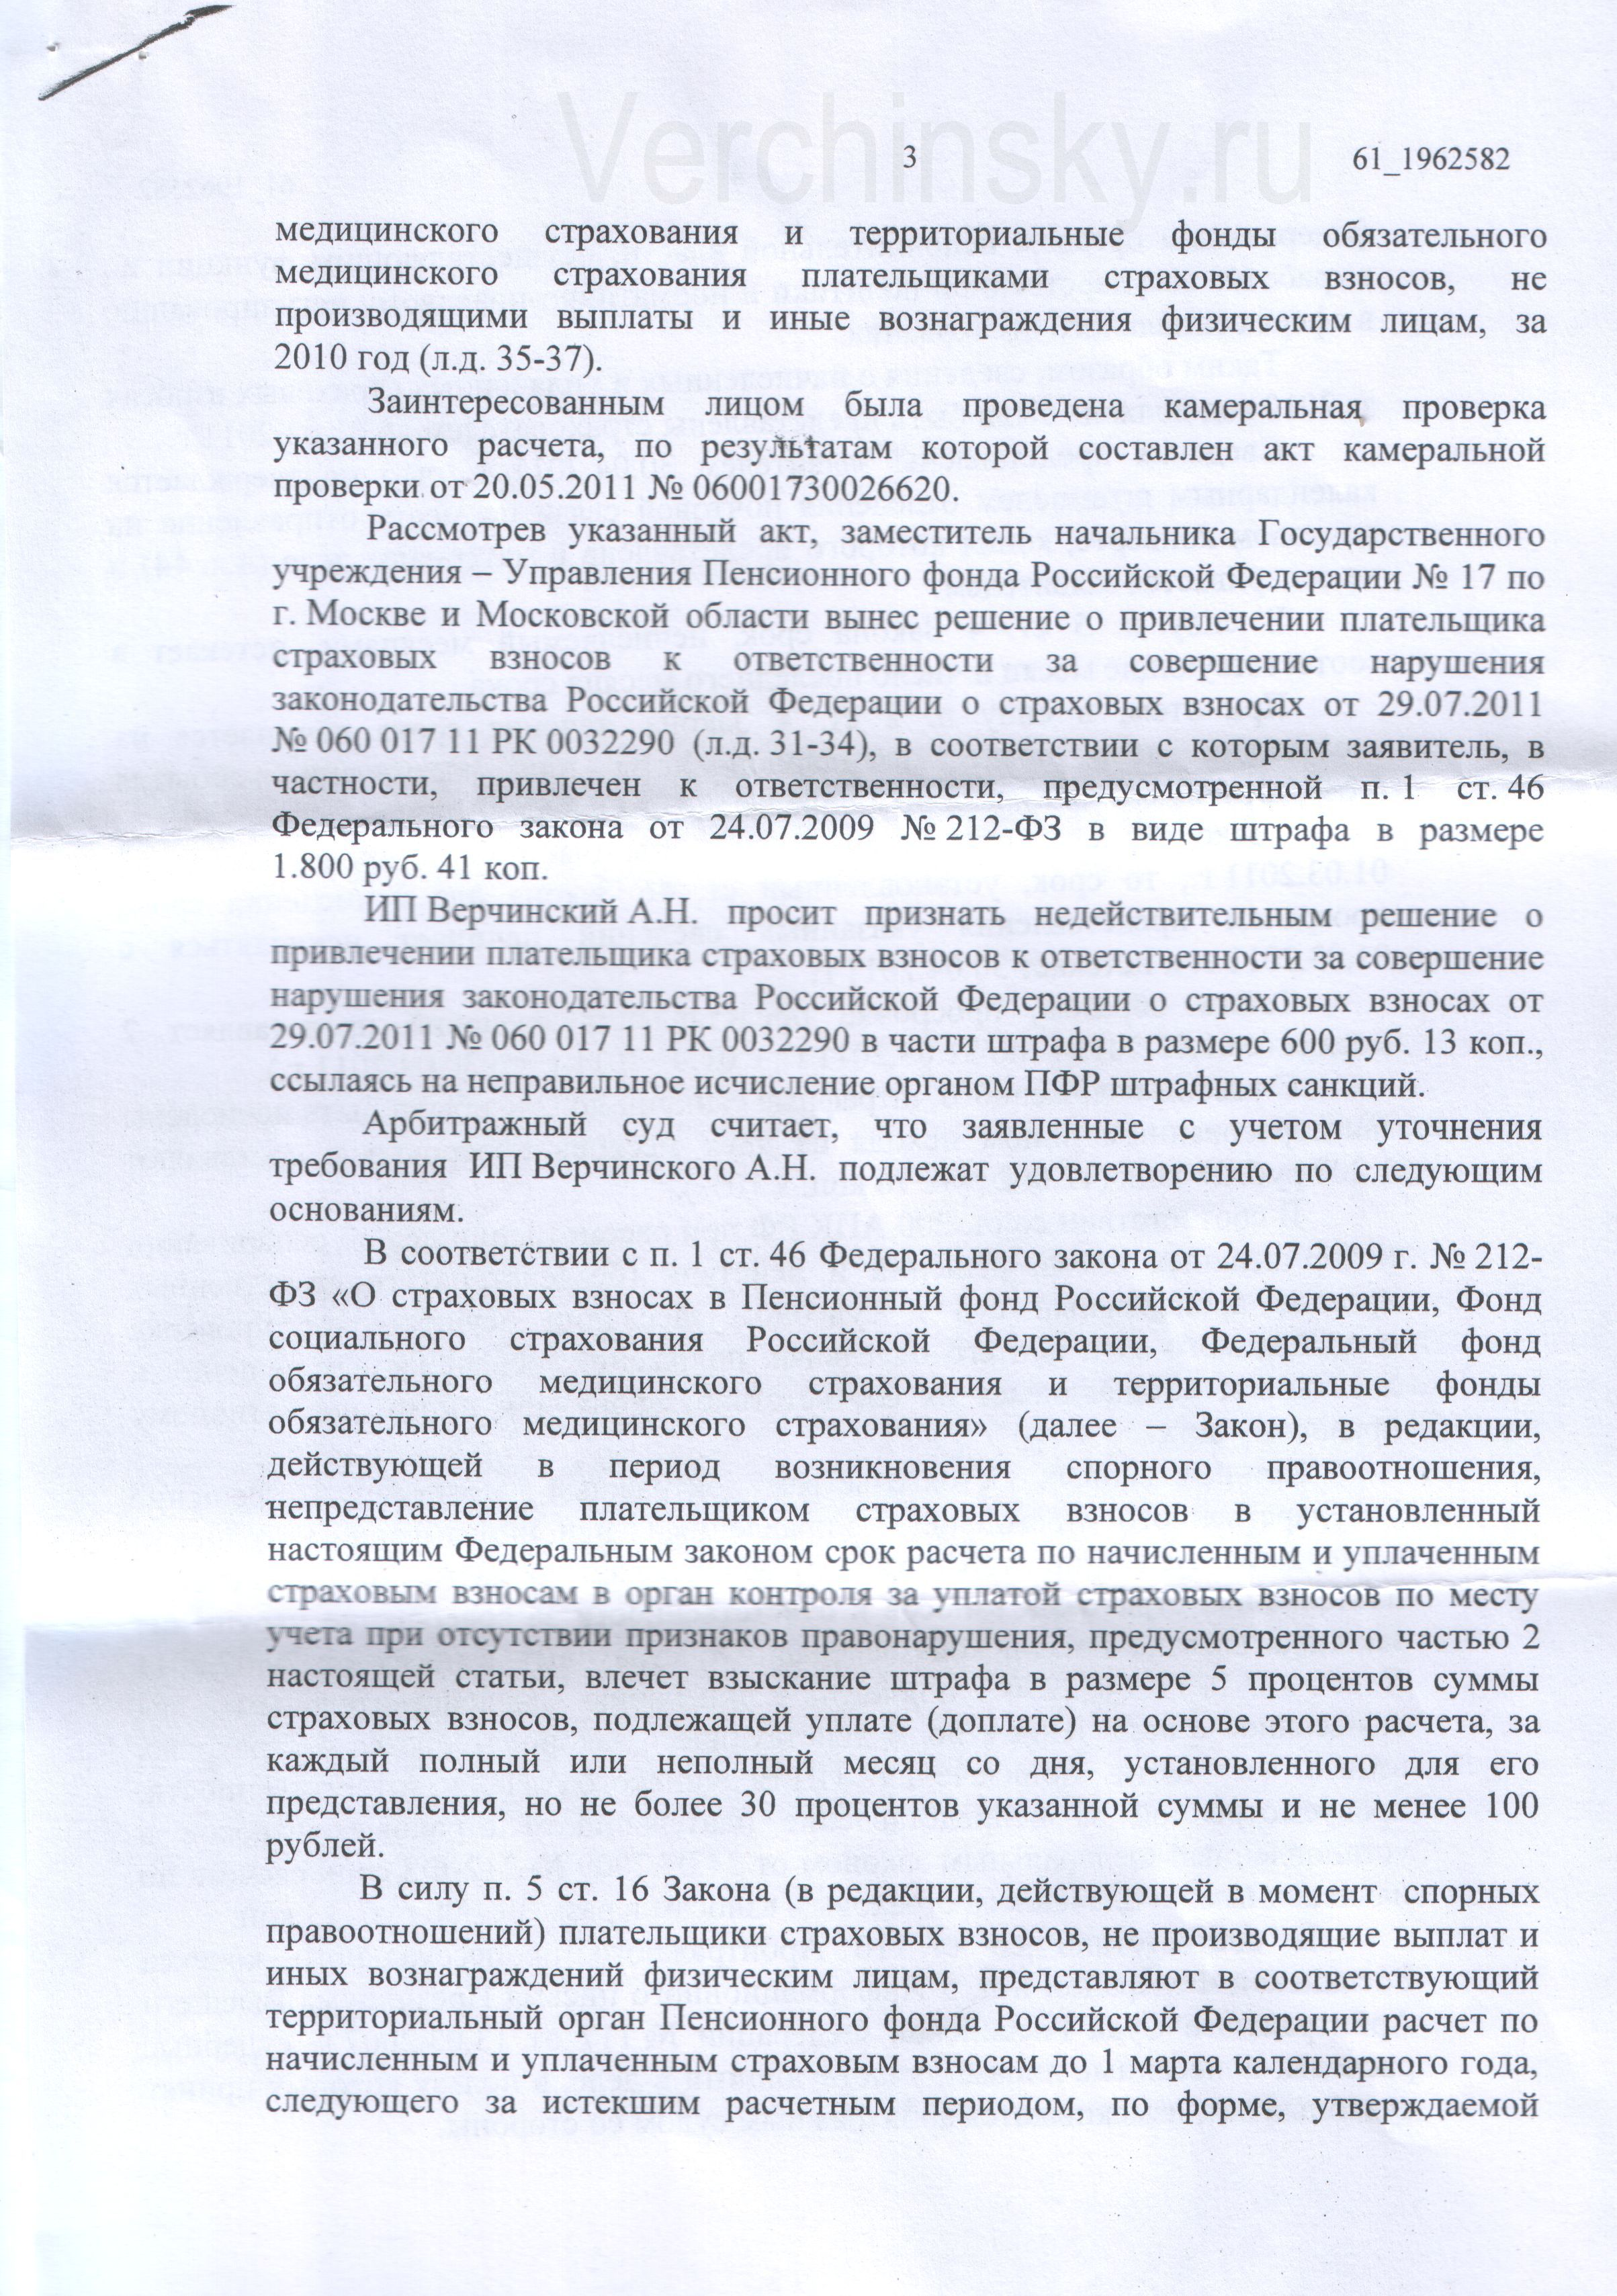 Решение АС МО по штрафу 1800 руб. 41 коп. — 3 из 5 л.jpg